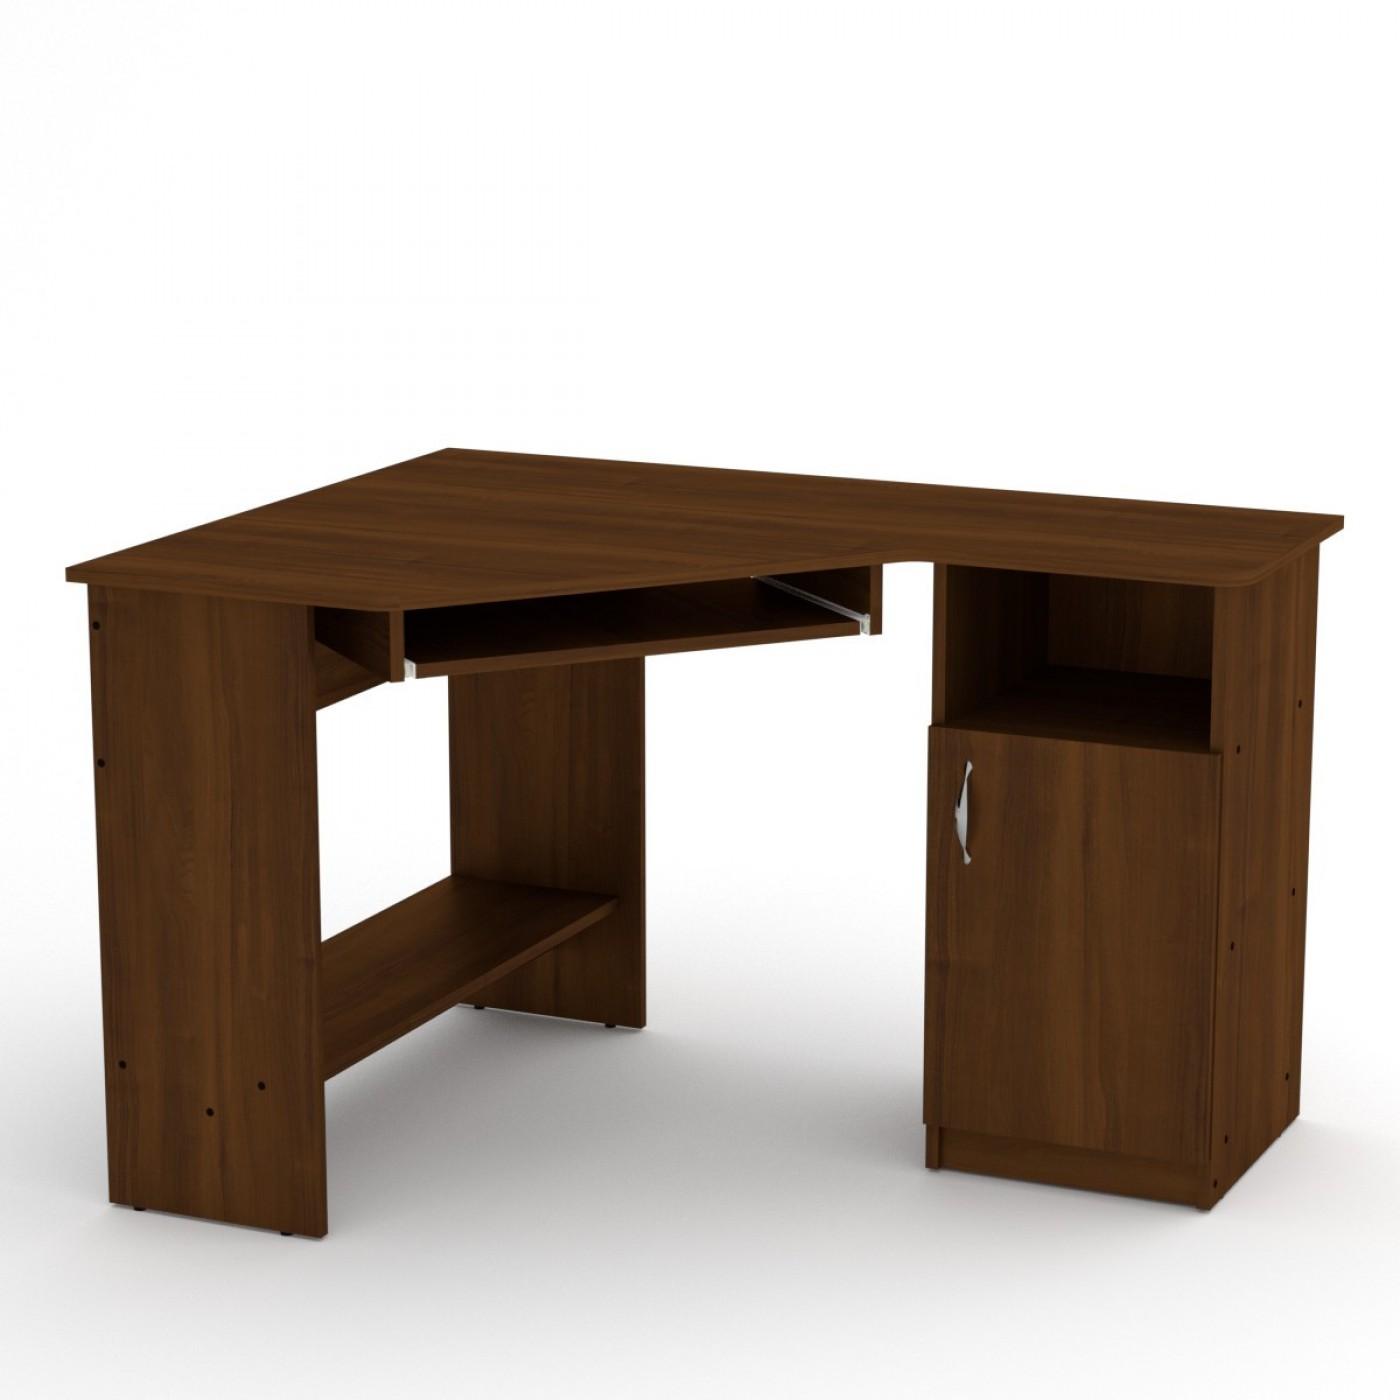 СУ-13 стол угловой компьютерный